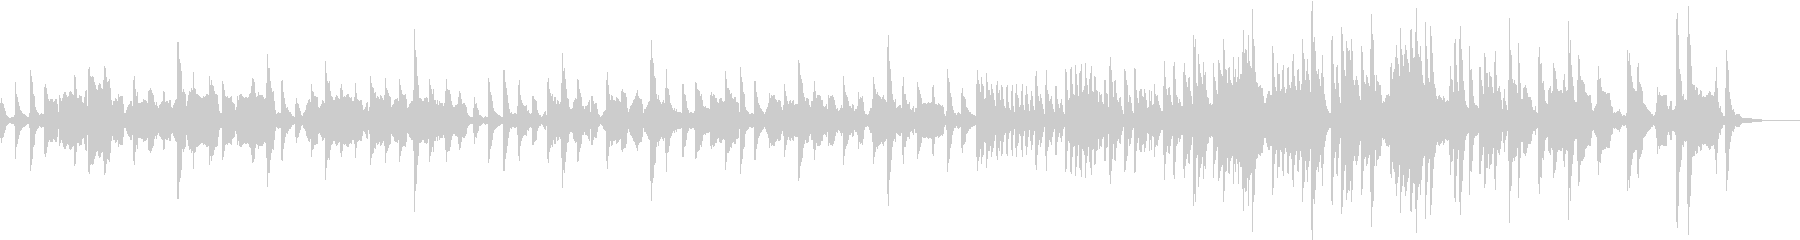 ピツィカートとオーボエの穏やかな曲の未再生の波形